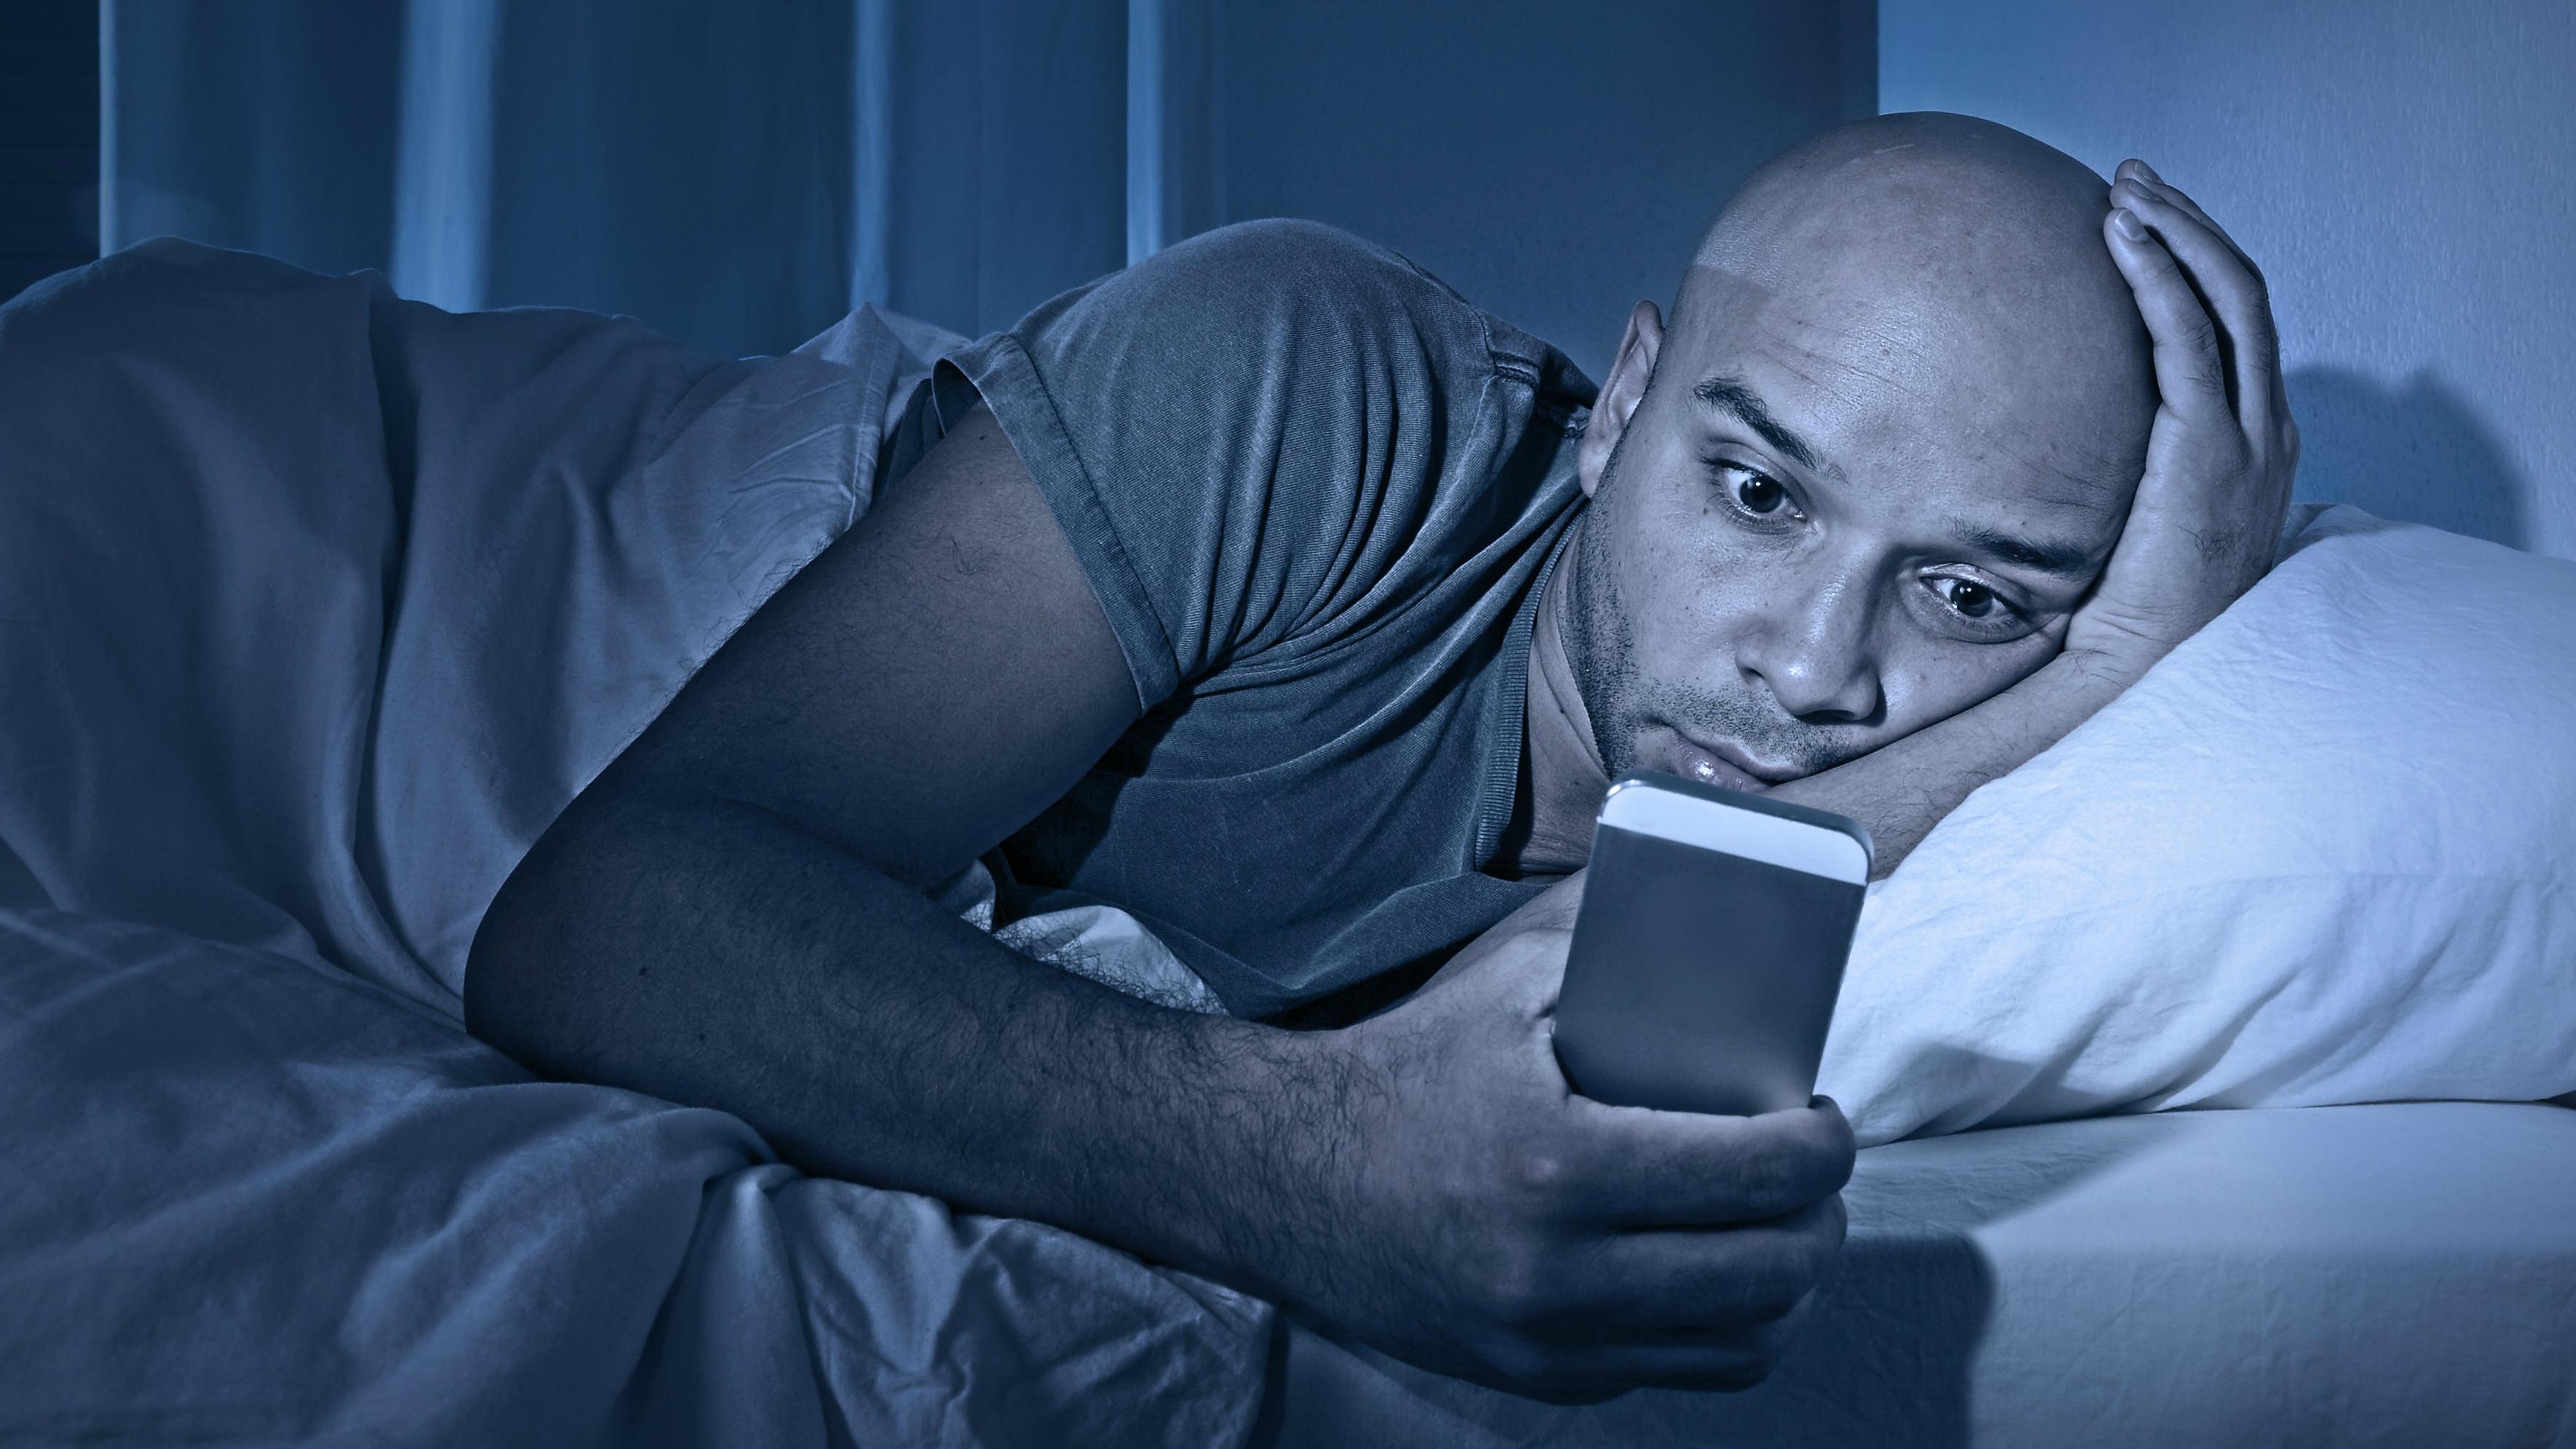 habitos_para_dormir_mejor_520913855.jpg